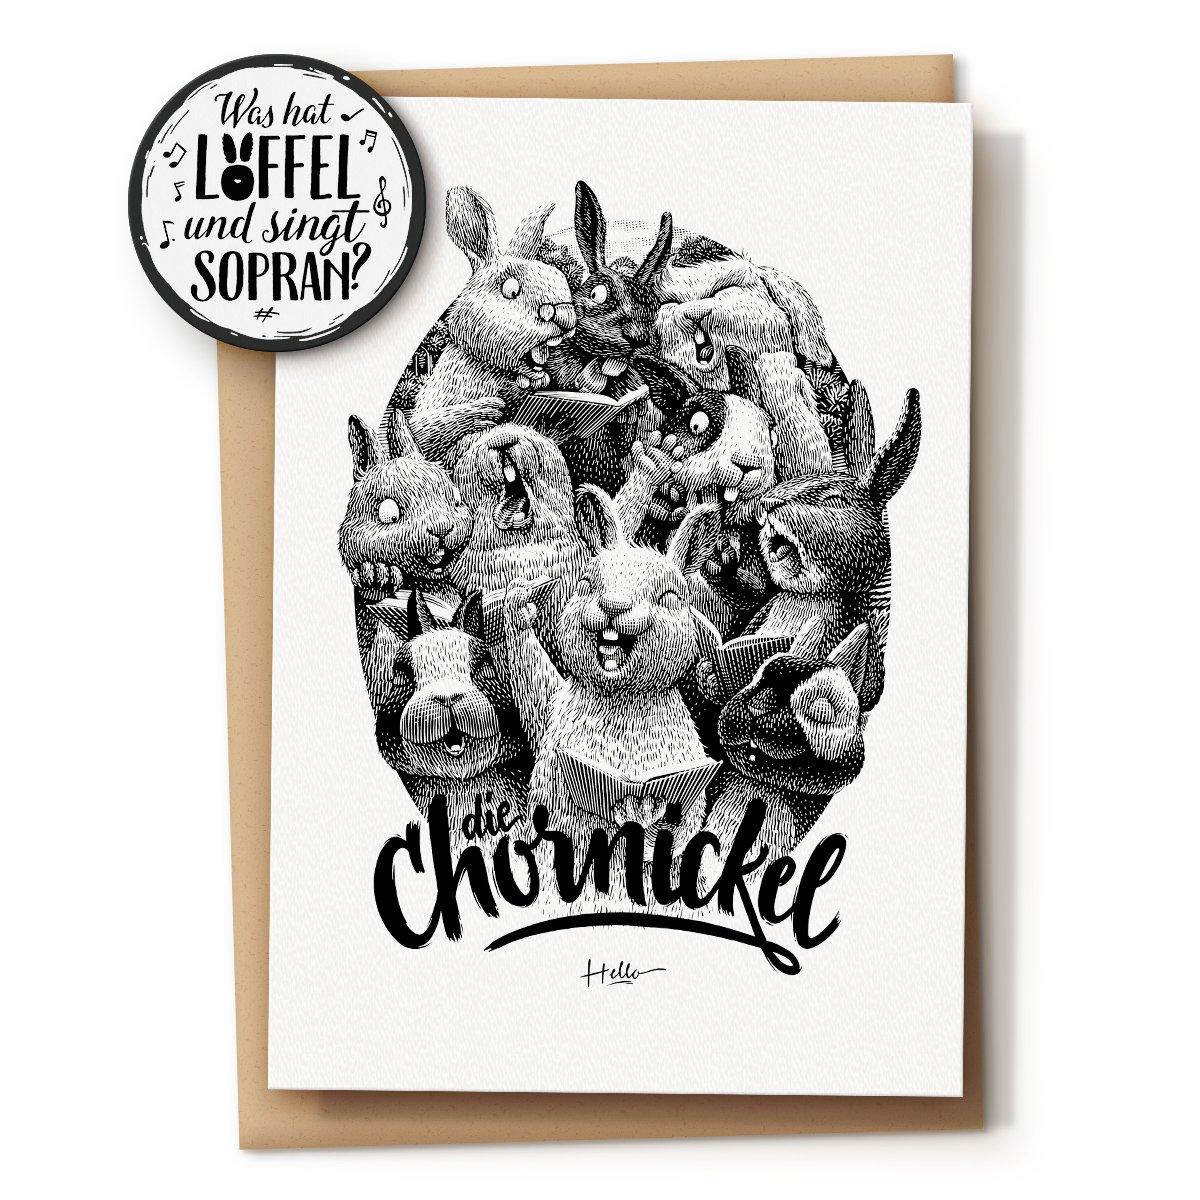 Image of Die Chornickel